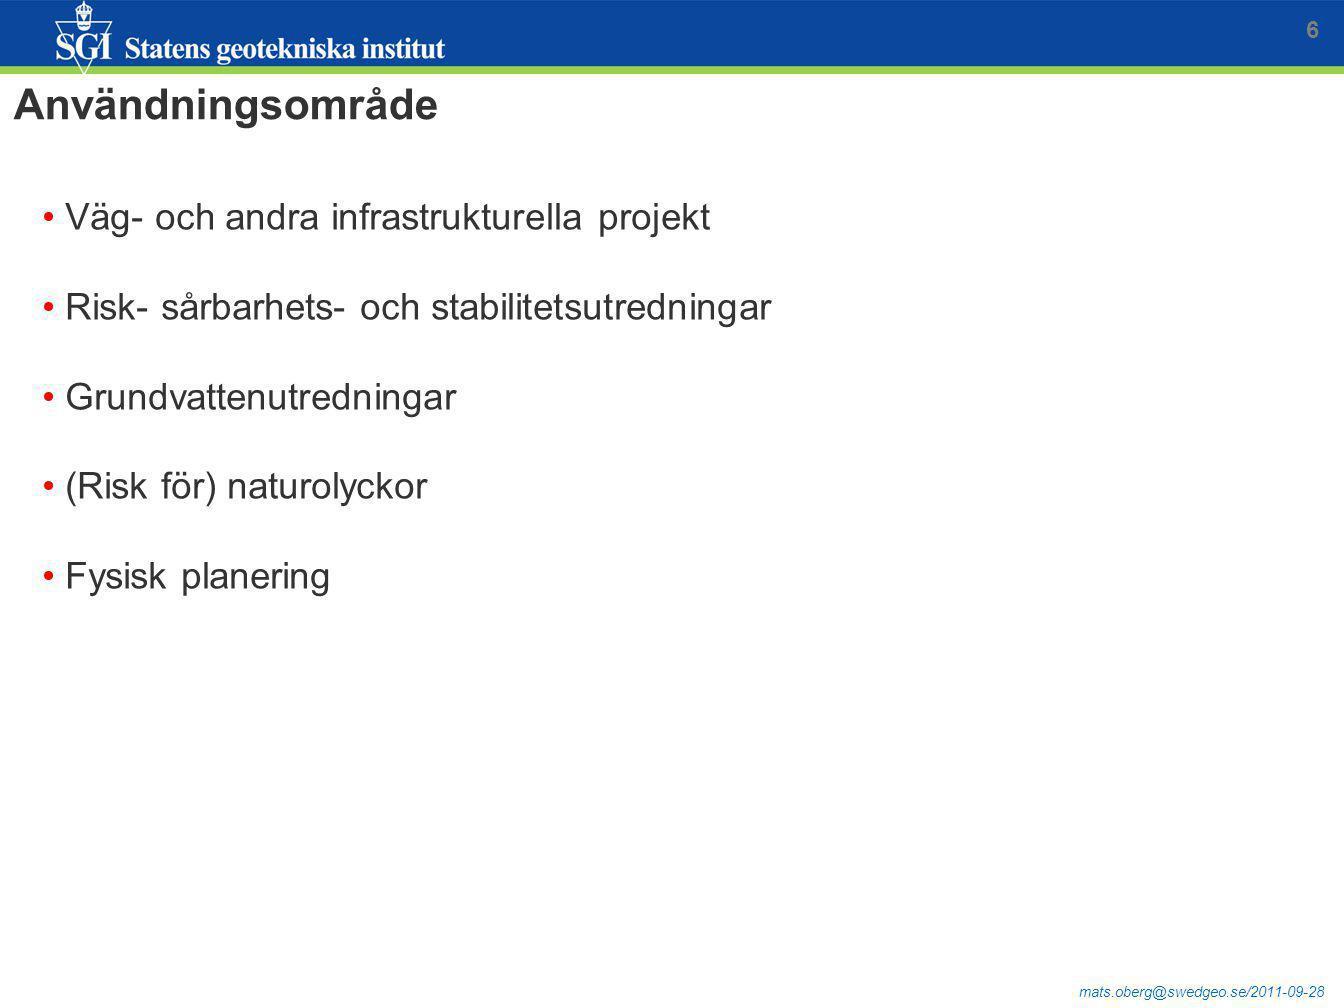 mats.oberg@swedgeo.se/2011-09-28 6 Användningsområde Väg- och andra infrastrukturella projekt Risk- sårbarhets- och stabilitetsutredningar Grundvatten